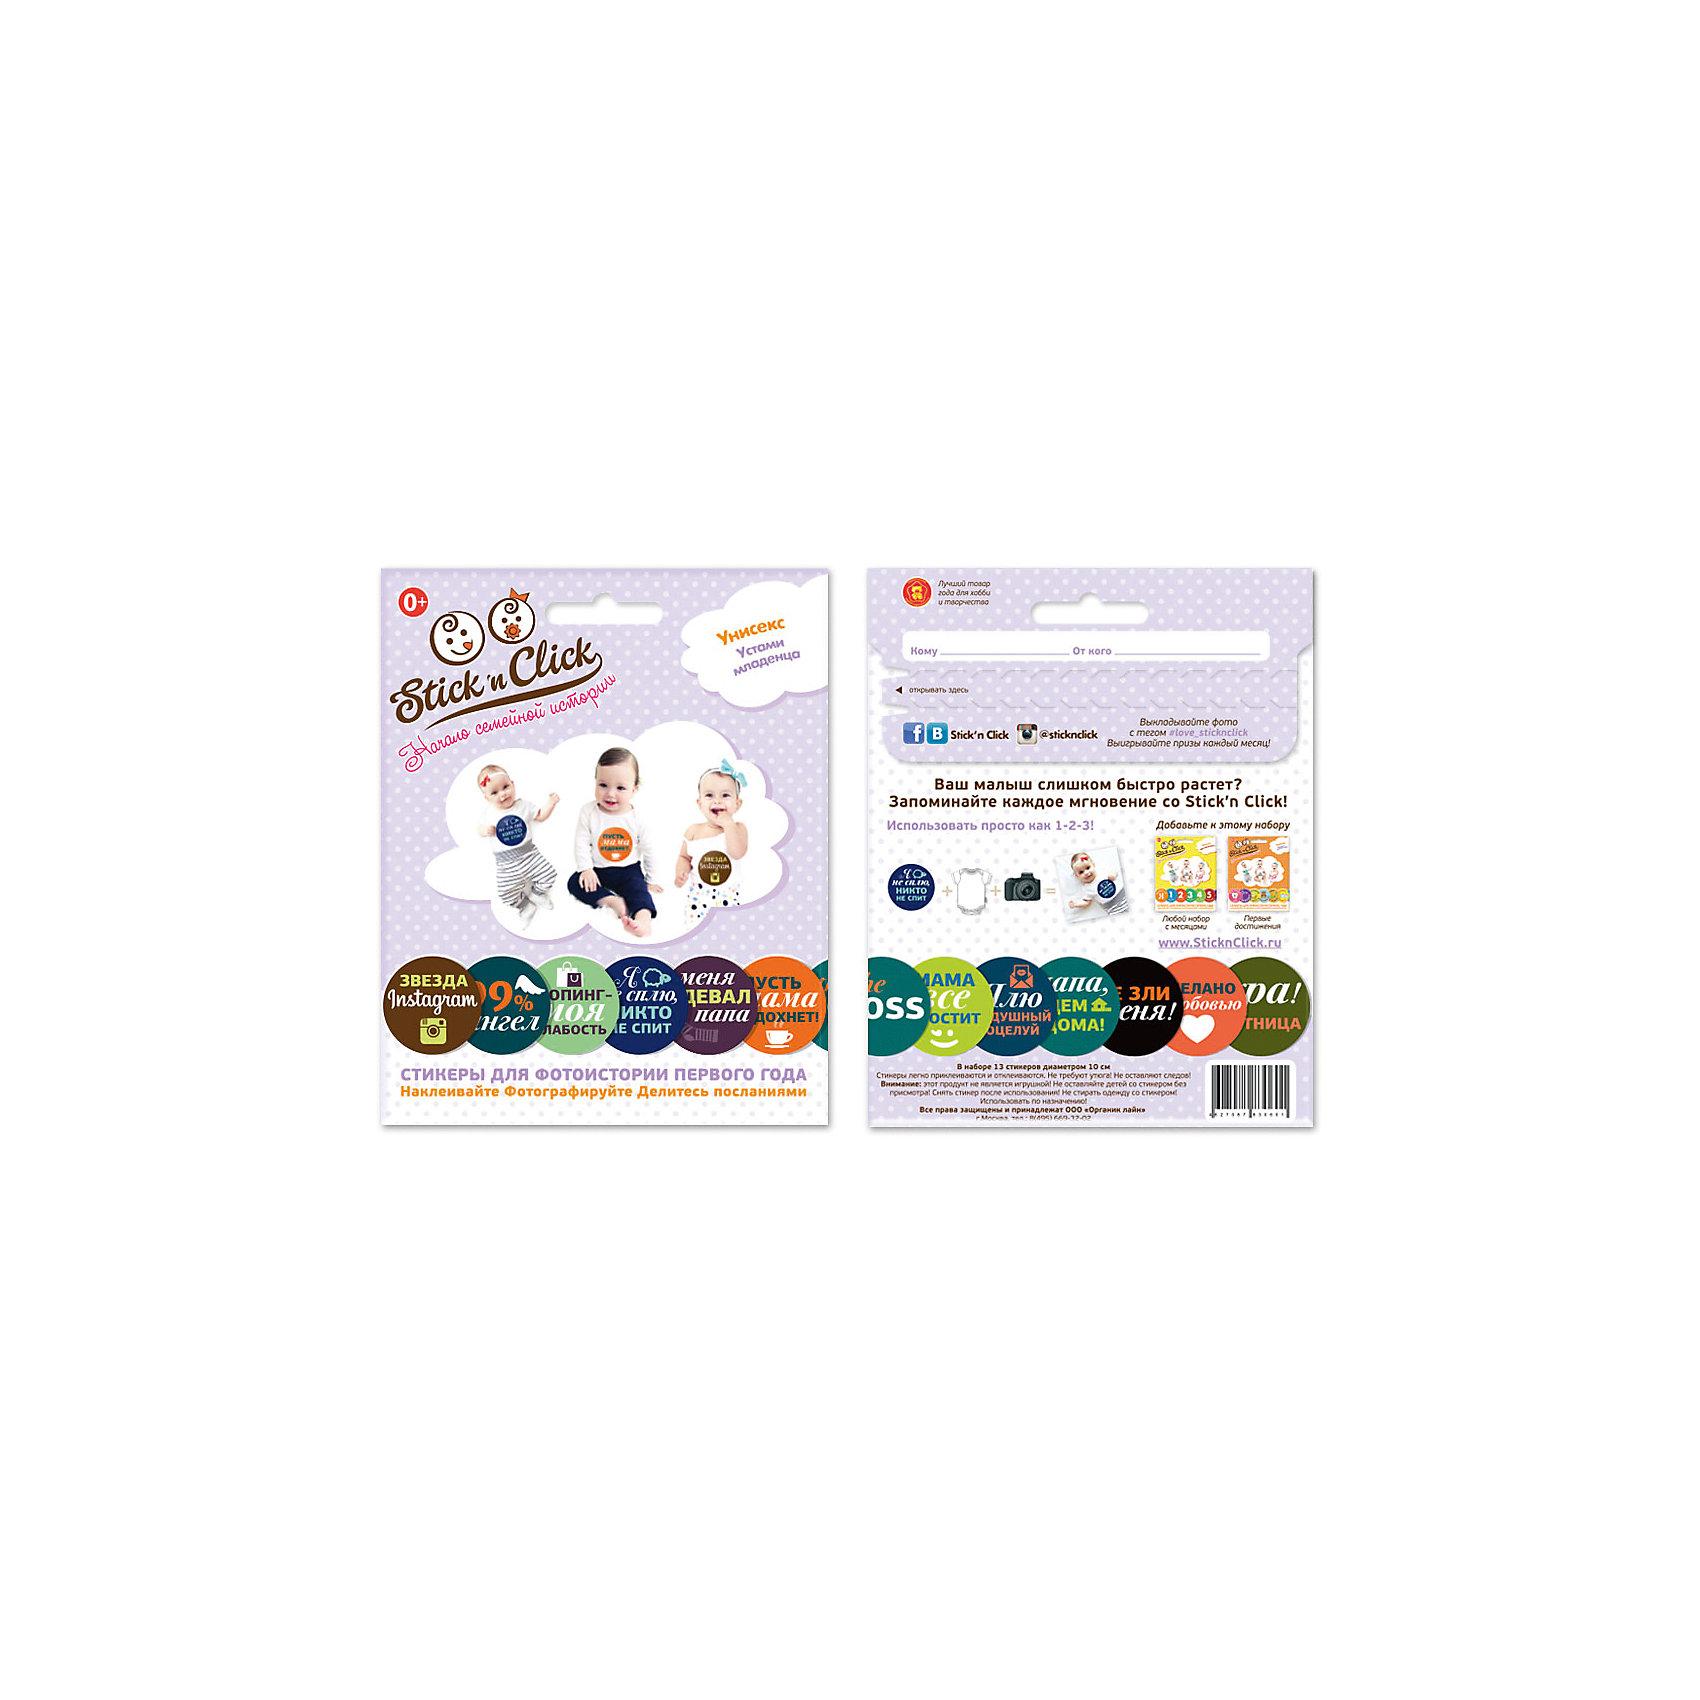 Набор стикеров  Устами младенца, Stick'n ClickТворчество для малышей<br>Набор стикеров Устами младенца, Stick'n Click (Стик эн Клик).<br><br>Характеристики:<br><br>• В наборе: 13 стикеров<br>• Диаметр стикера: 10 см.<br>• Материал: бумага, картон<br><br>Набор забавных стикеров Устами младенца, Stick'n Click (Стик эн Клик) – хорошая идея для неповторимой фотосессии с участием малыша. В наборе 13 наклеек диаметром 10 см. На каждой – оригинальная надпись, которая сделает незабываемой самую обычную фотографию. Просто наклейте стикер с подходящим содержанием на бодик малышу, сделайте отличное фото, поделитесь позитивом с родными и близкими. <br><br>Ваш кроха и Ваше креативное решение будут оценены по достоинству и станут объектом внимания и обсуждения. Стикеры легко, без помощи клея, булавок и других приспособлений крепятся на одежду. А затем также без усилий отклеиваются, не оставляя следов и пятен на ткани. Достаточно просто снять наклейку после окончания фотосессии.<br><br>Набор стикеров Устами младенца, Stick'n Click (Стик эн Клик) можно купить в нашем интернет-магазине.<br><br>Ширина мм: 150<br>Глубина мм: 120<br>Высота мм: 50<br>Вес г: 40<br>Возраст от месяцев: 12<br>Возраст до месяцев: 36<br>Пол: Унисекс<br>Возраст: Детский<br>SKU: 5454156